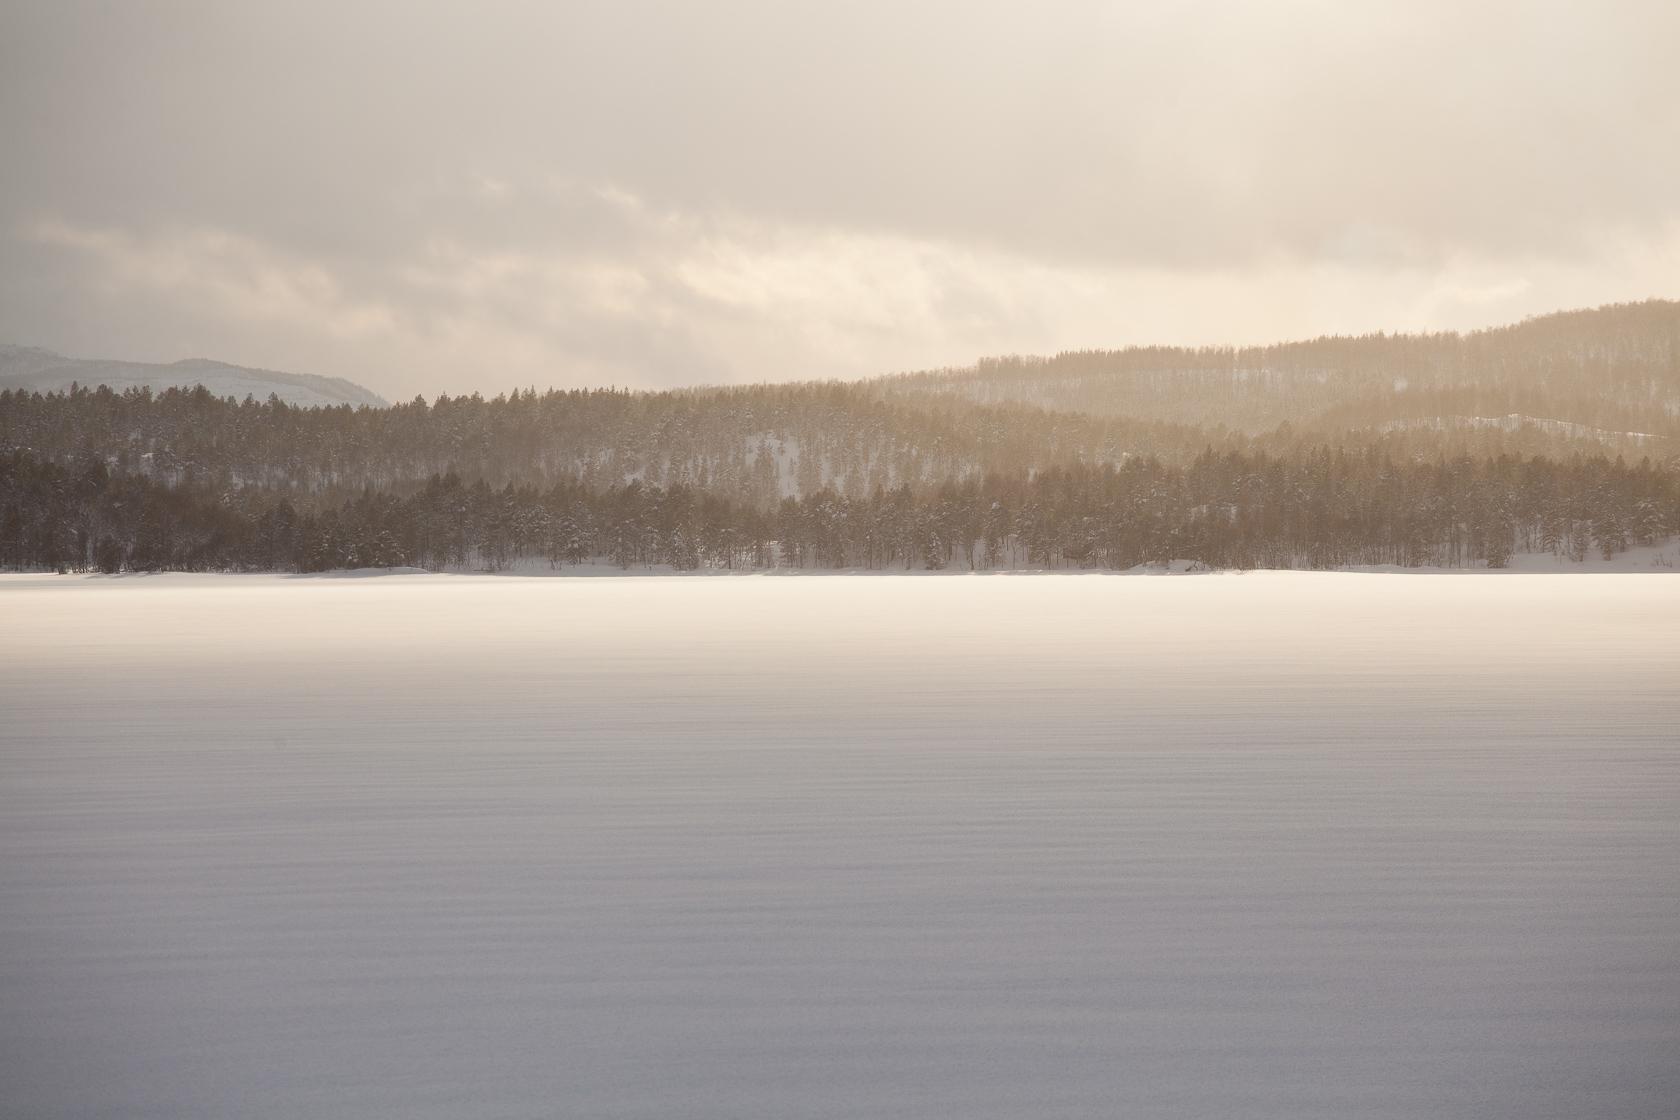 lac gelé près de Finnsnes, en Norvège